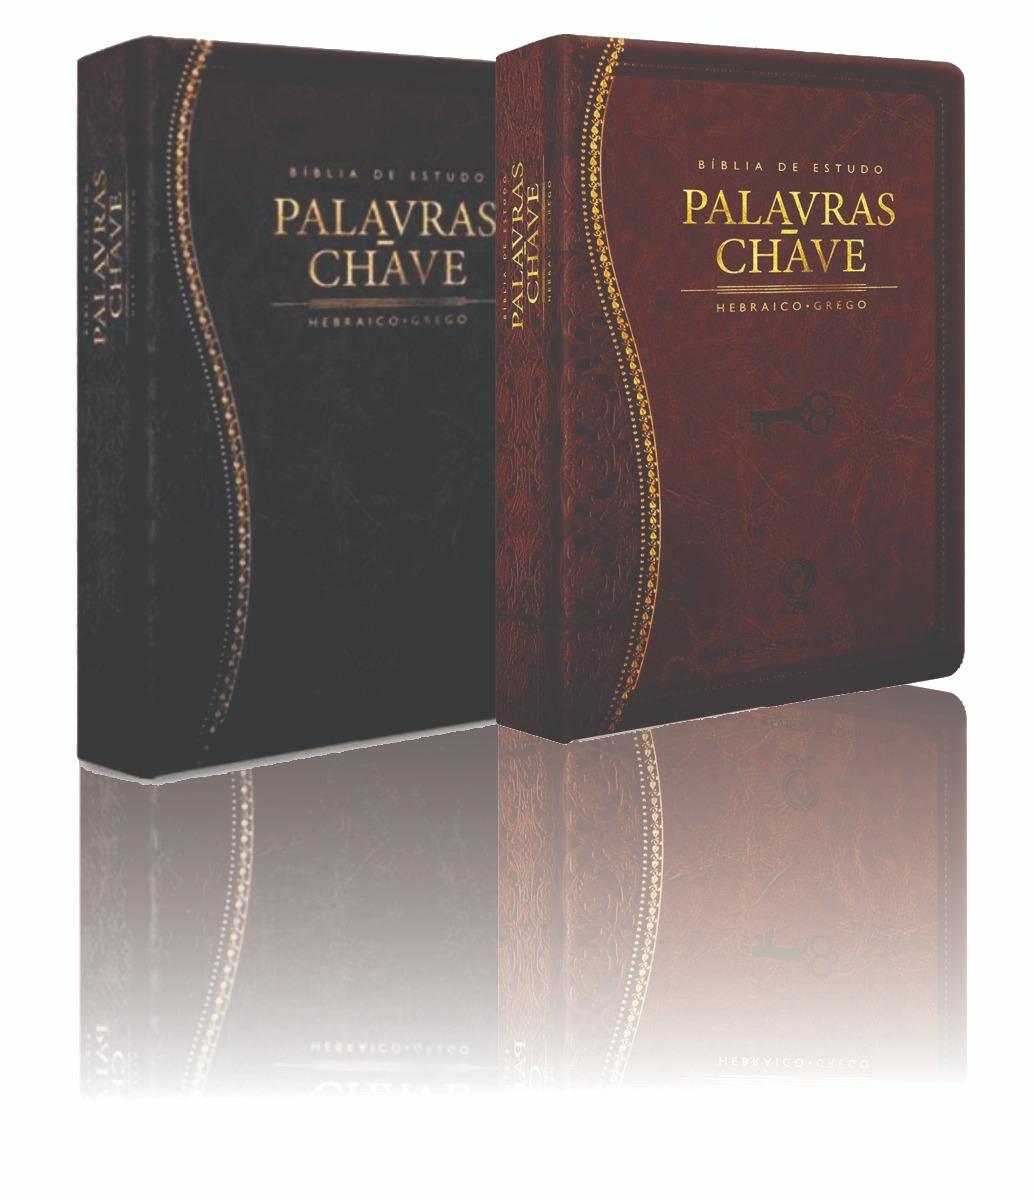 biblia em hebraico e grego gratis